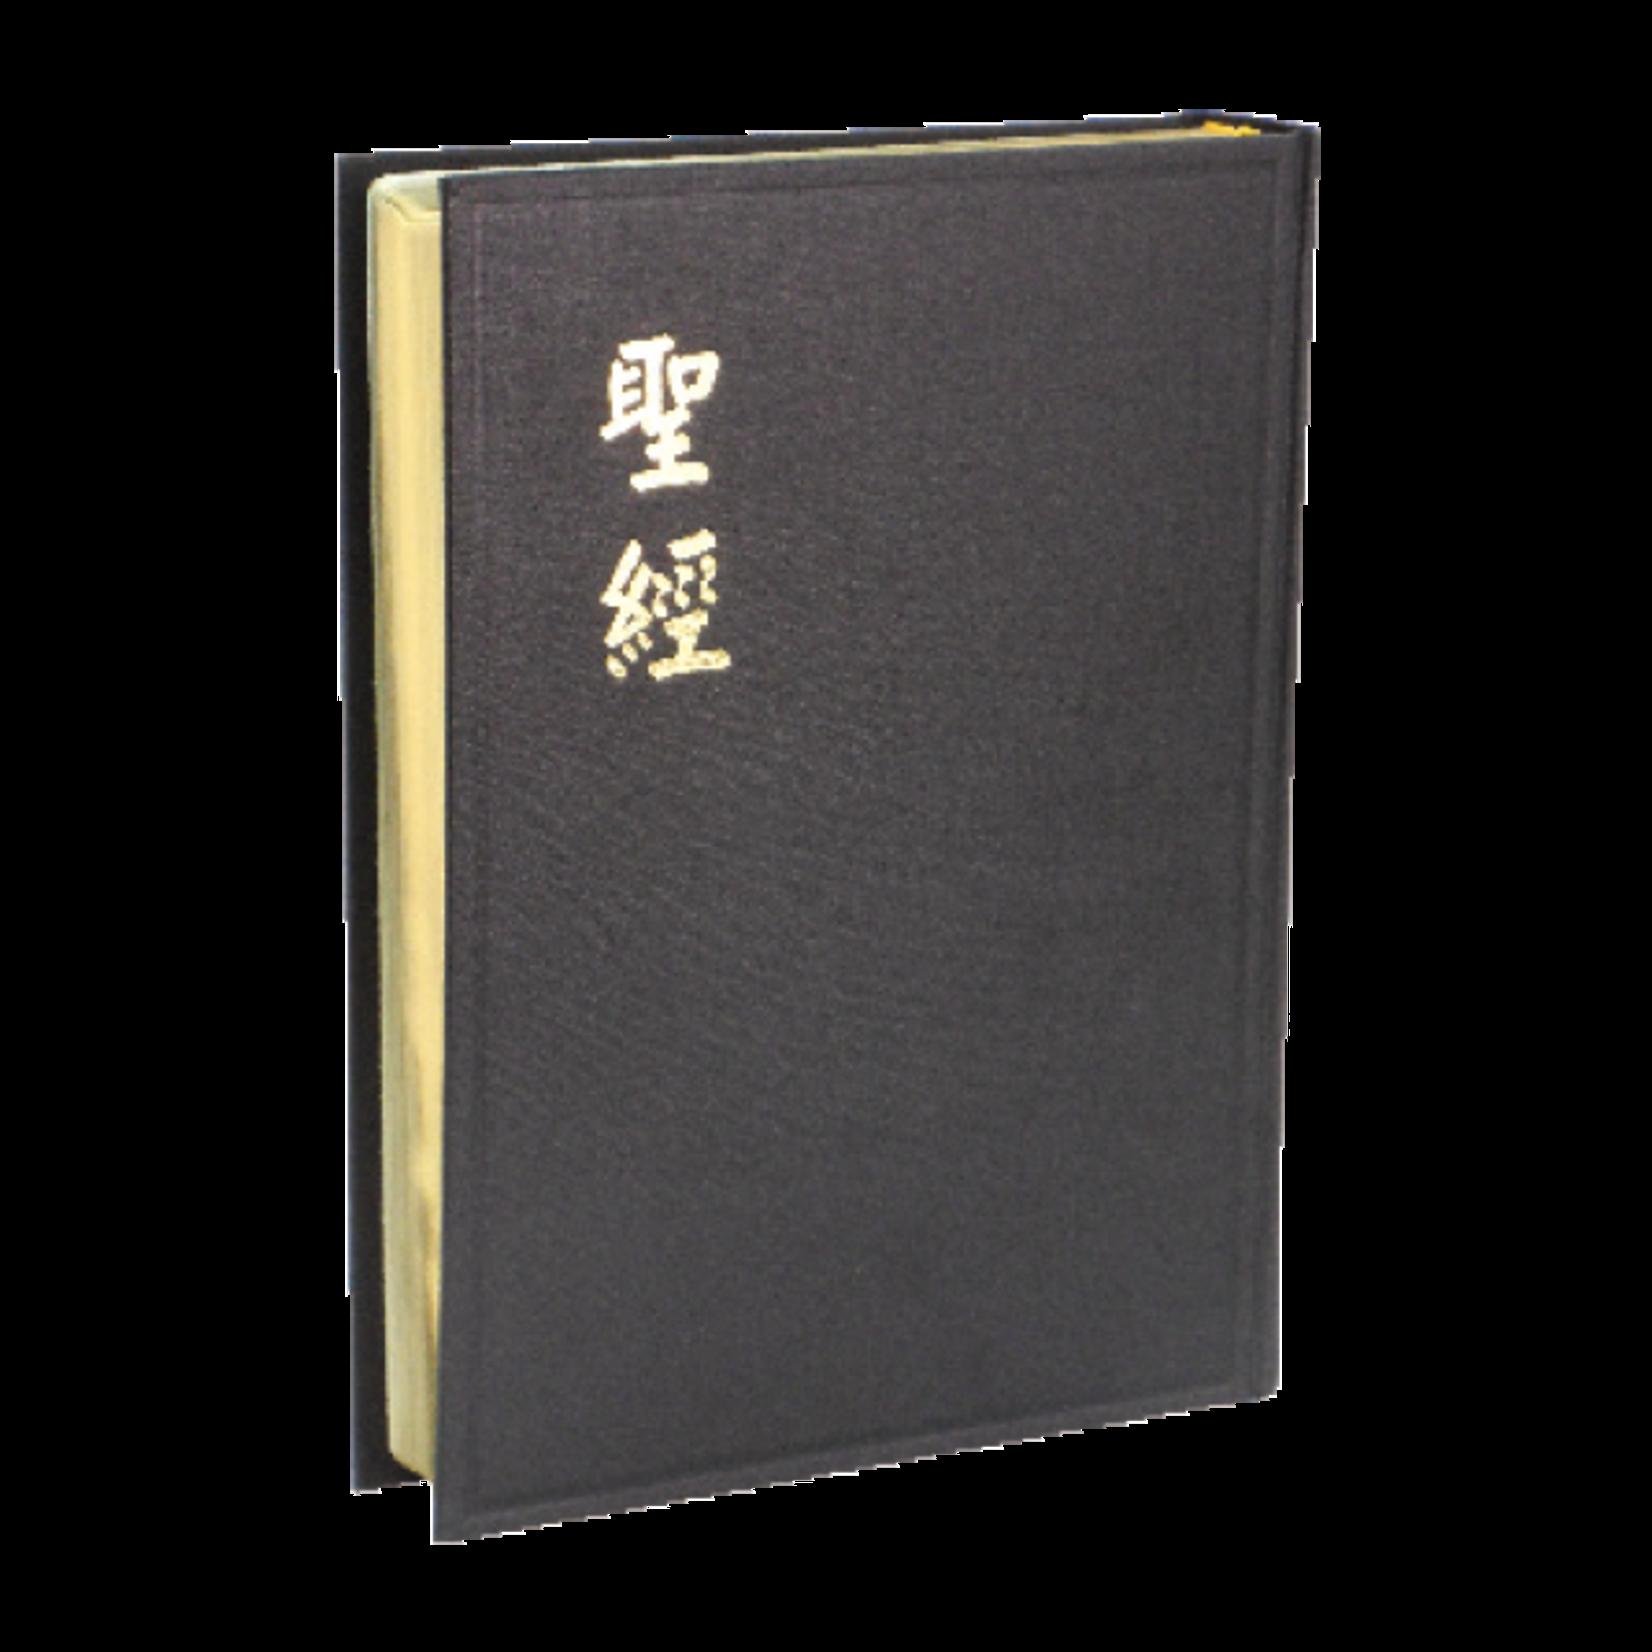 台灣聖經公會 The Bible Society in Taiwan 聖經和合本.大型.神版.黑色硬面金邊